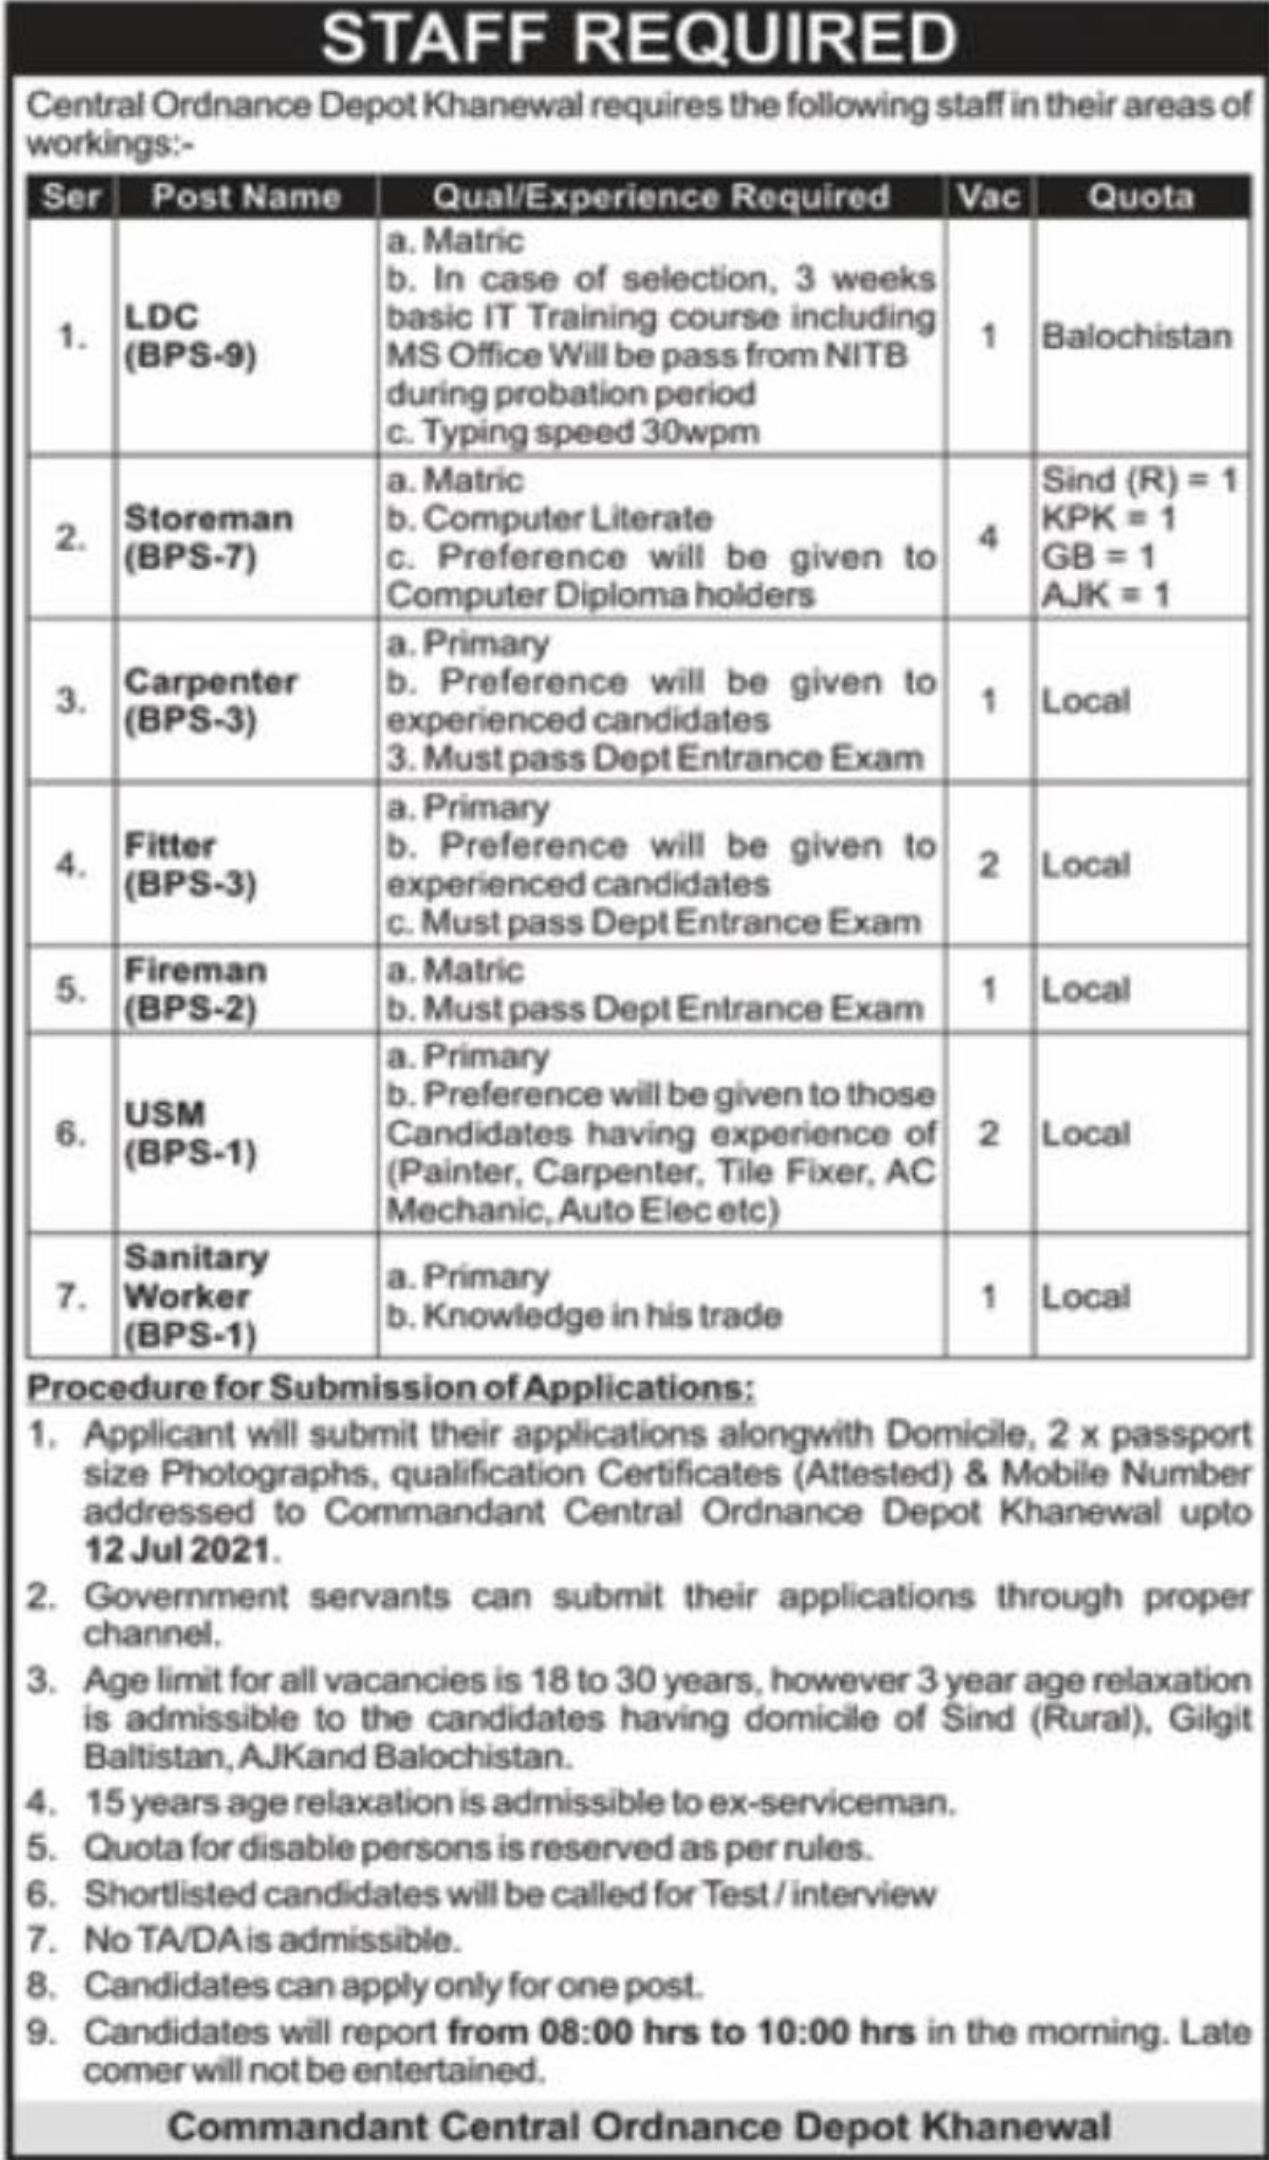 Central Ordnance Depot Khanewal Vacancies 2021 3